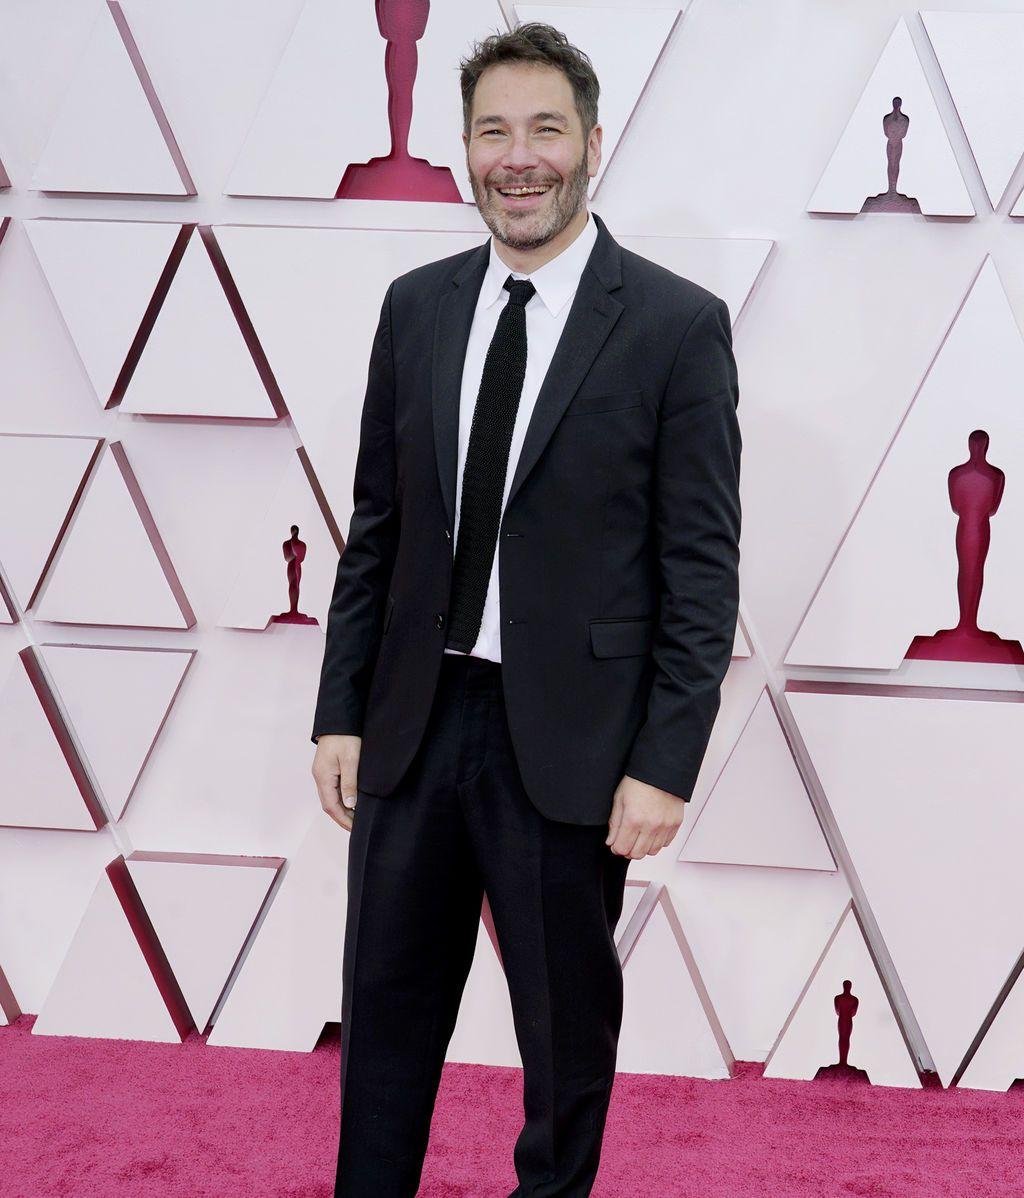 Dan Swimer desfila en la alfombra roja de Union Station, la estación de autobuses de Los Ángeles, una de las sedes donde tiene lugar la gala de los Premios Oscars 2021